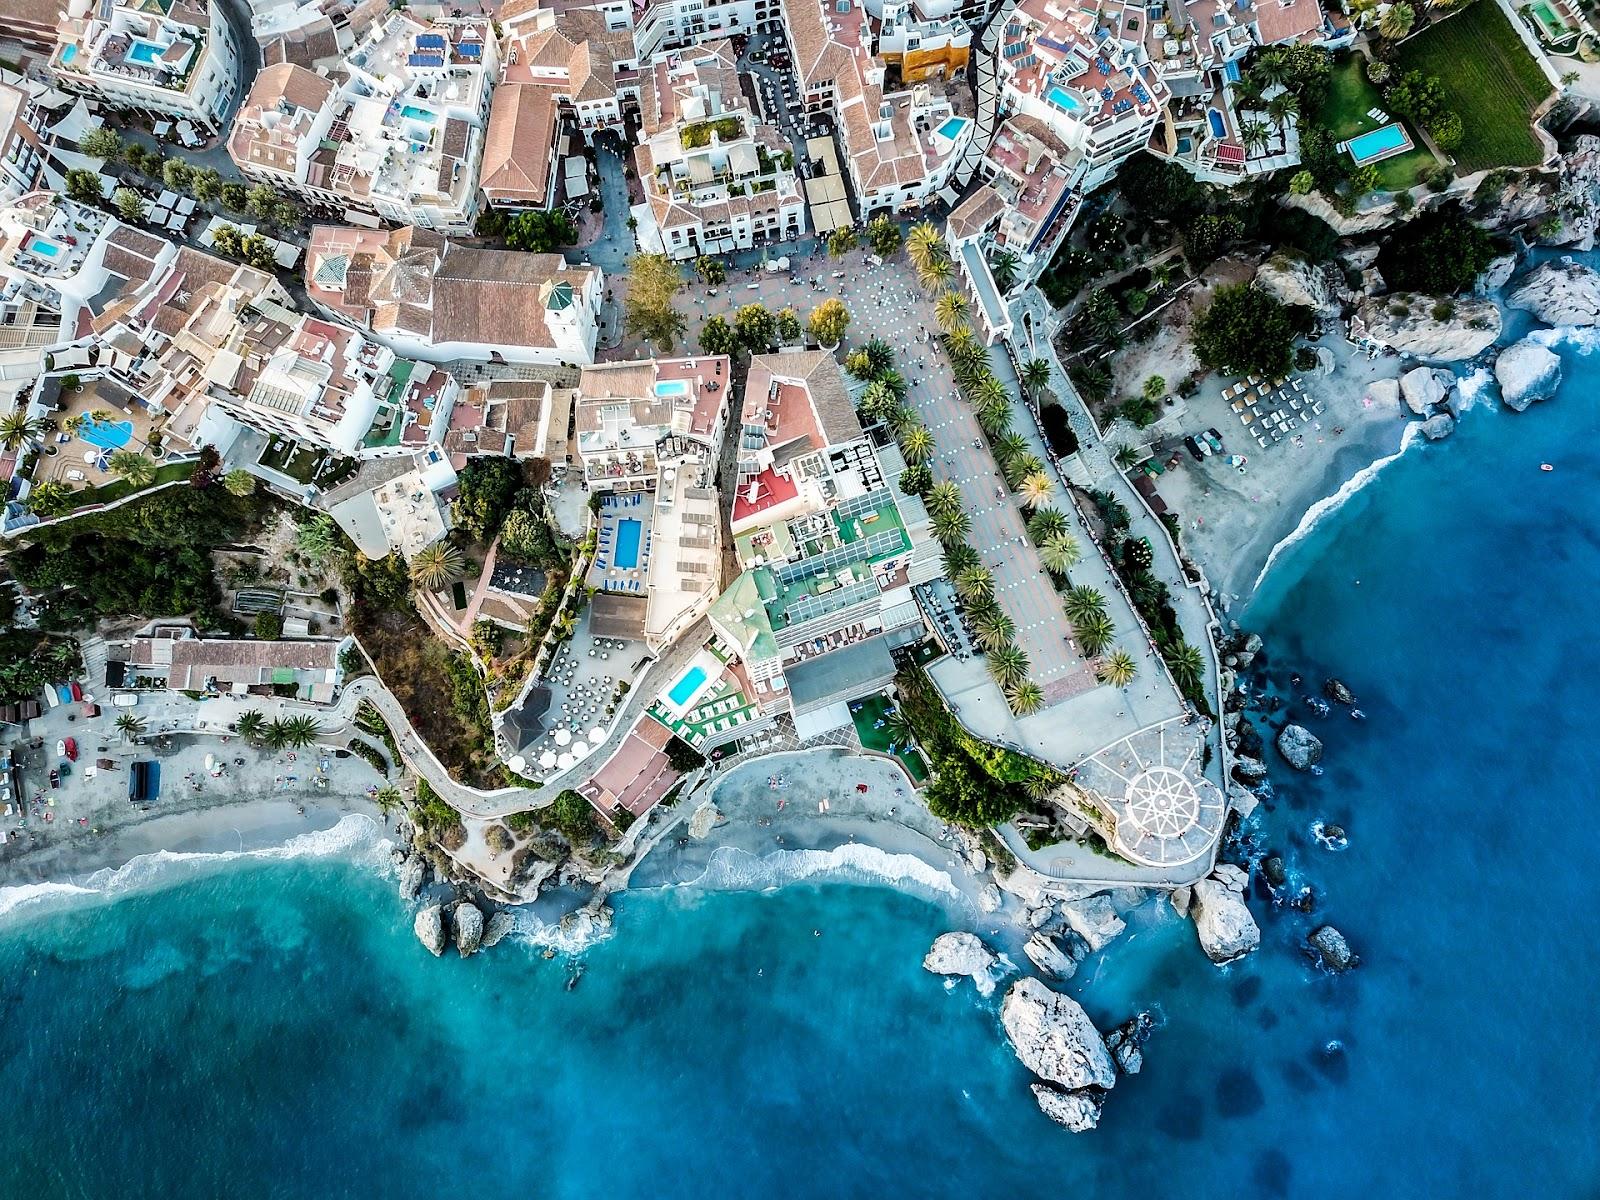 nerja beach aerial view blue sea water walking street palm trees buildings spain costa del sol